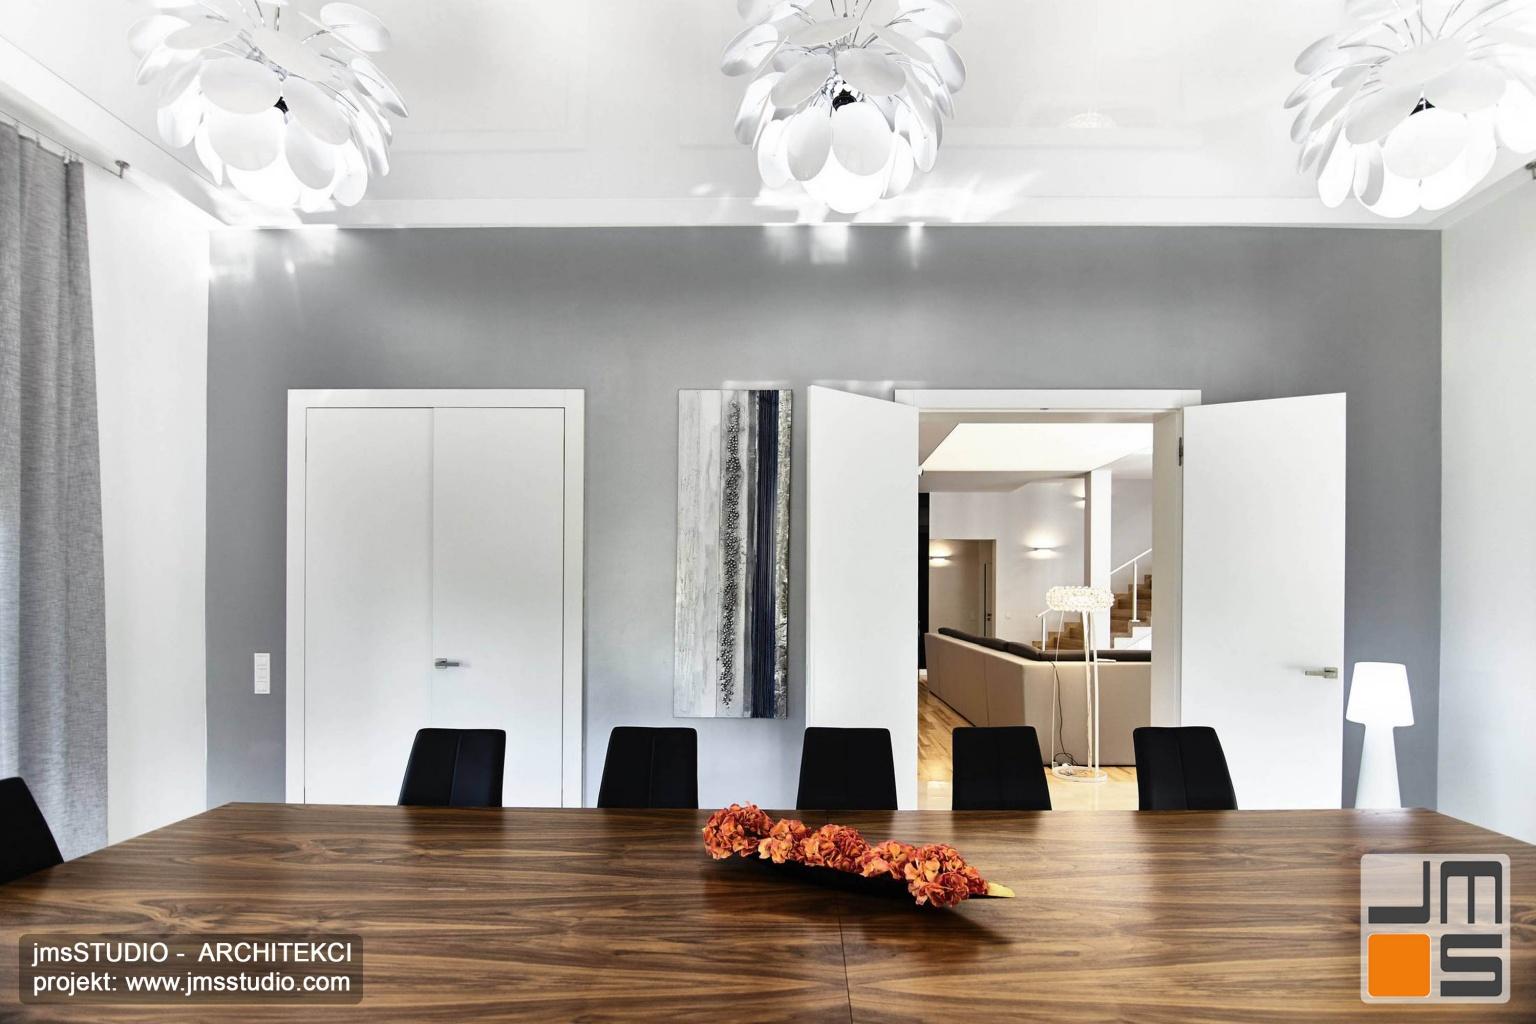 2018 06 w projekcie wnętrz dużej eleganckiej jadalni wykorzystano piękny stół z drewna orzechowego i kontrastujące z nim czarne krzesła